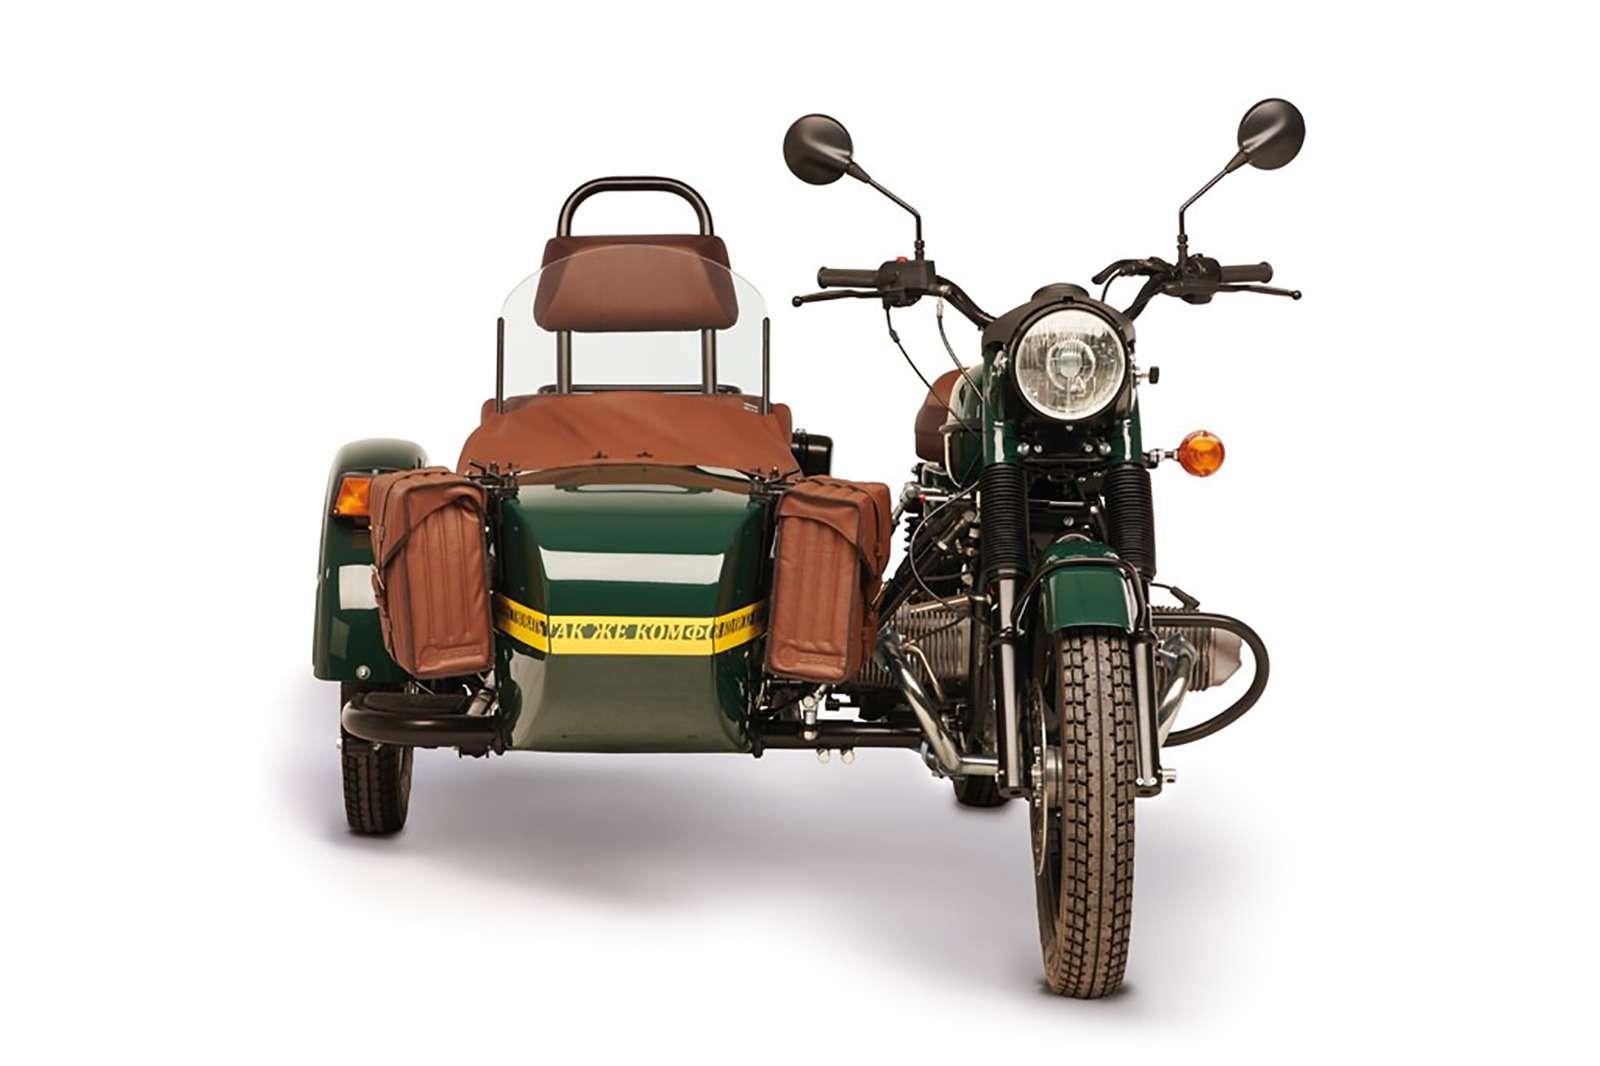 Новая версия мотоцикла Урал: теперь сканистрой водки— фото 911066